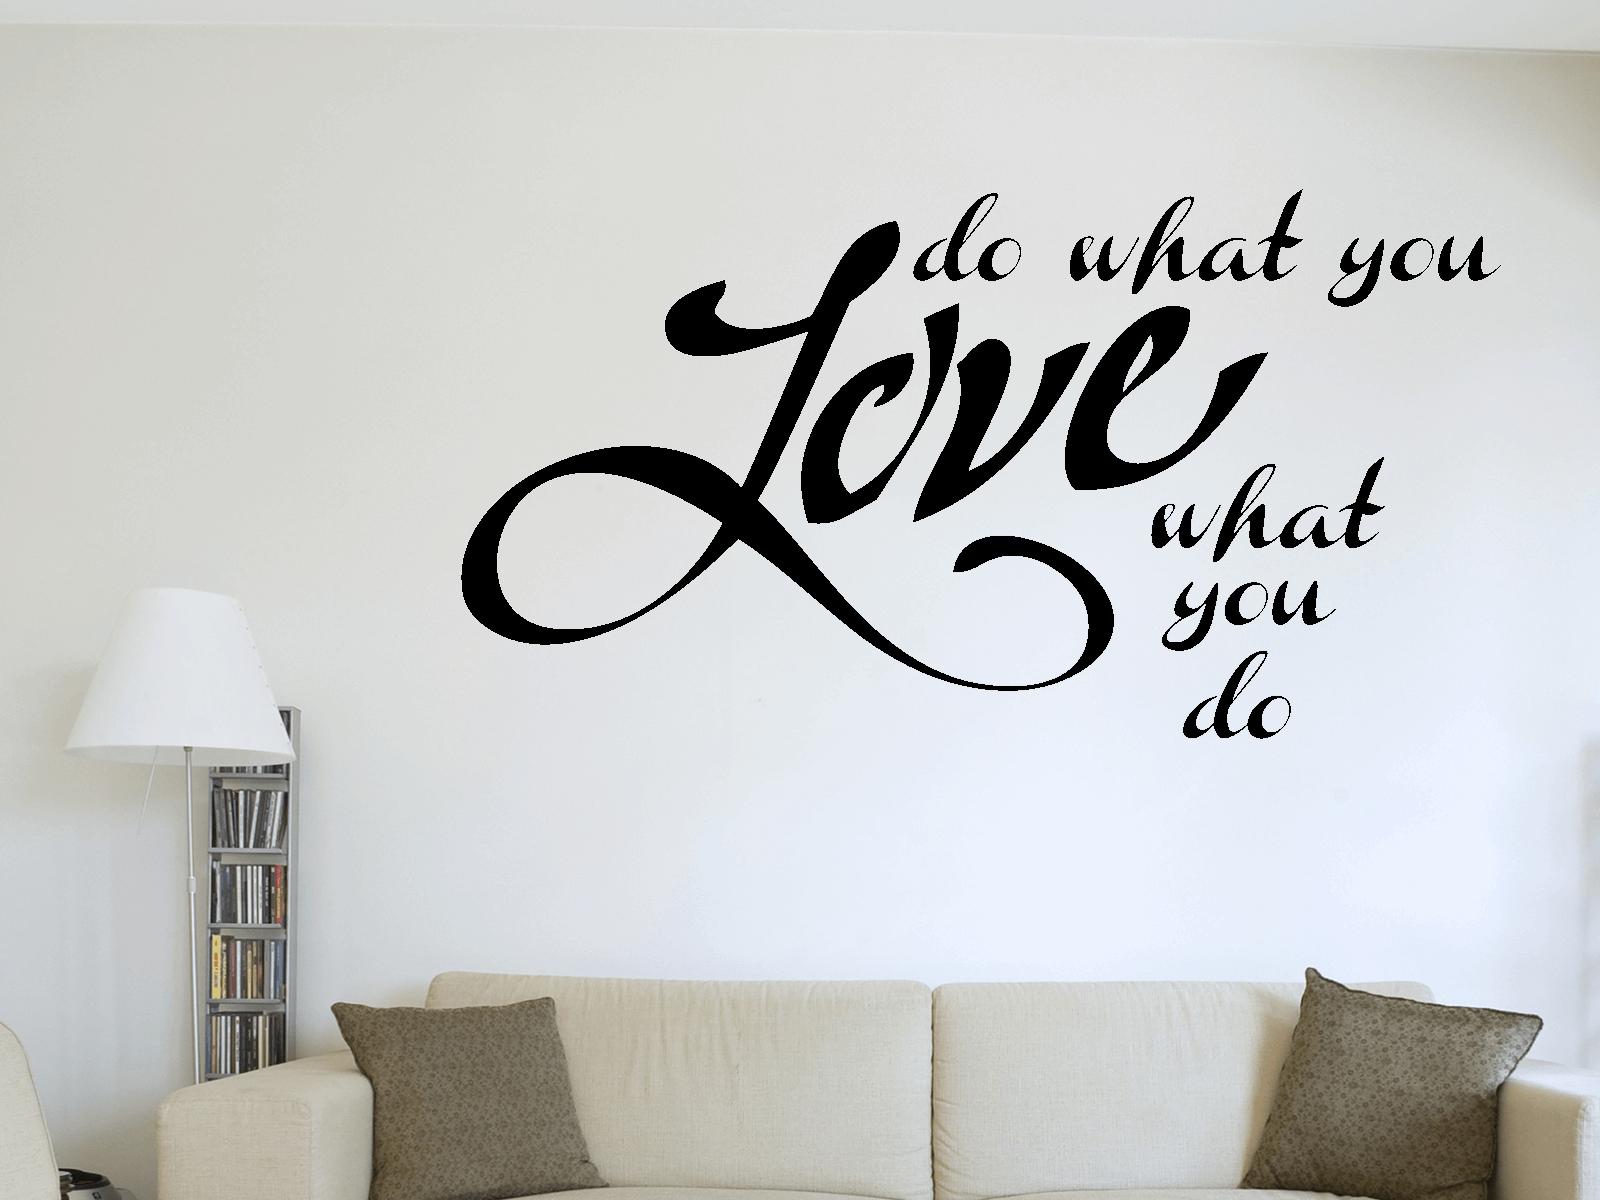 Wandtattoo Do What You Love Motiv-Nr 3017 Sprüche Schlafzimmer ...